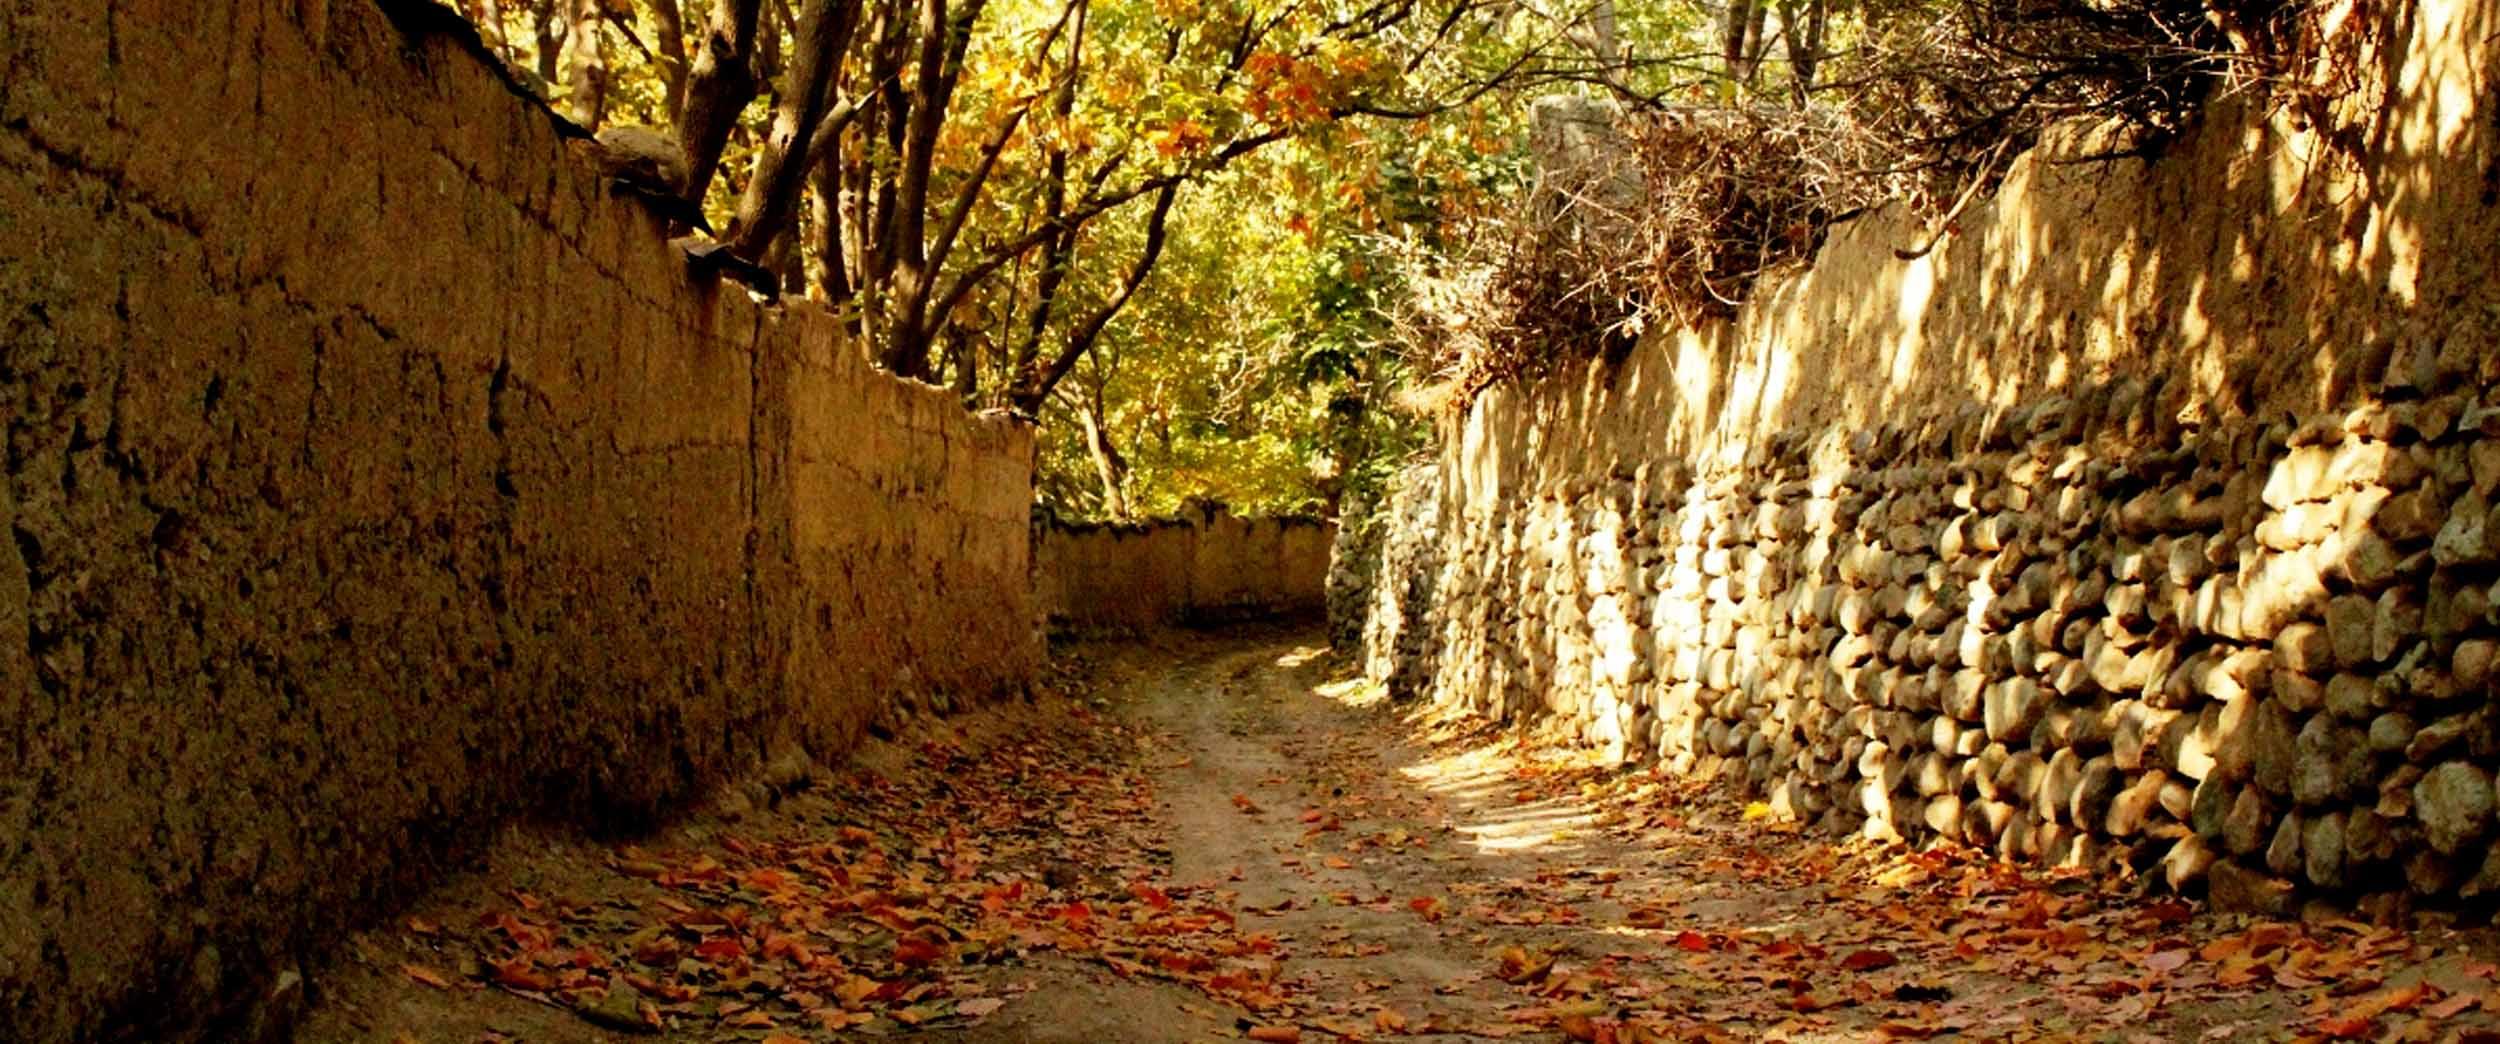 پاییز در تهران ، سمفونی باشکوه پادشاه فصل ها در پایتخت